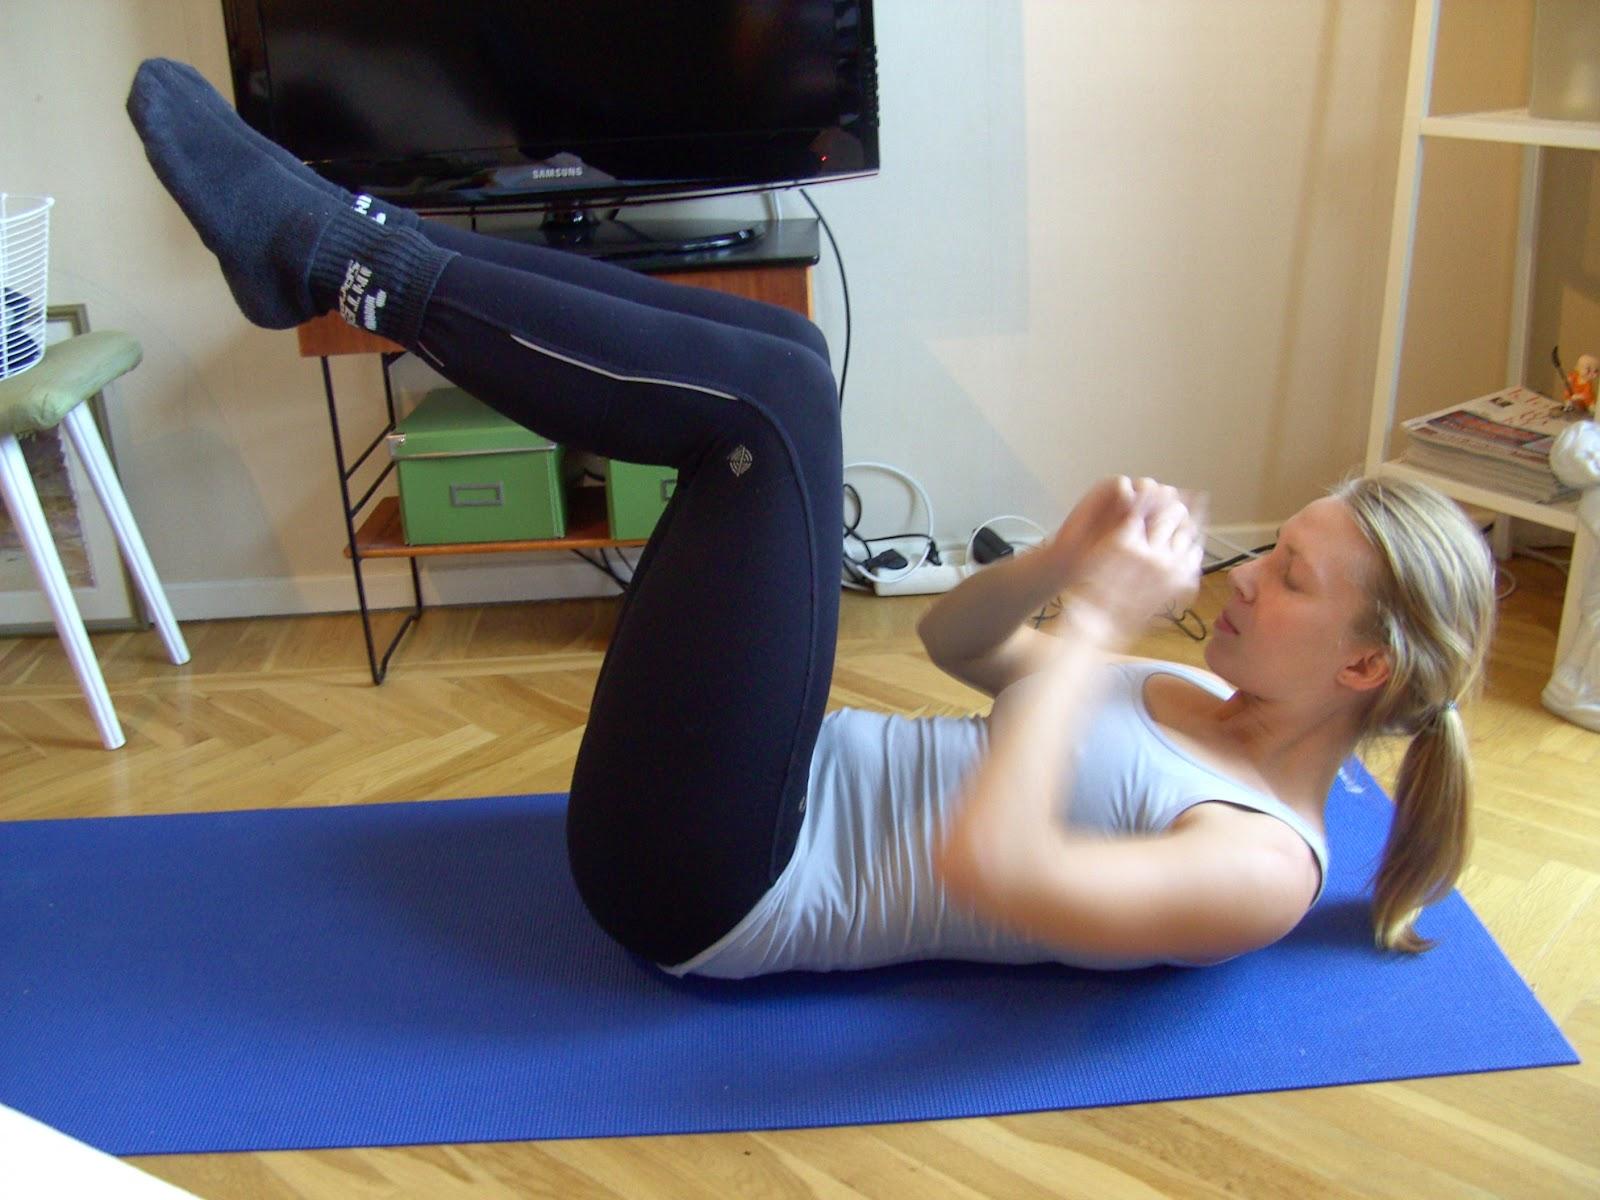 styrketräning hemma